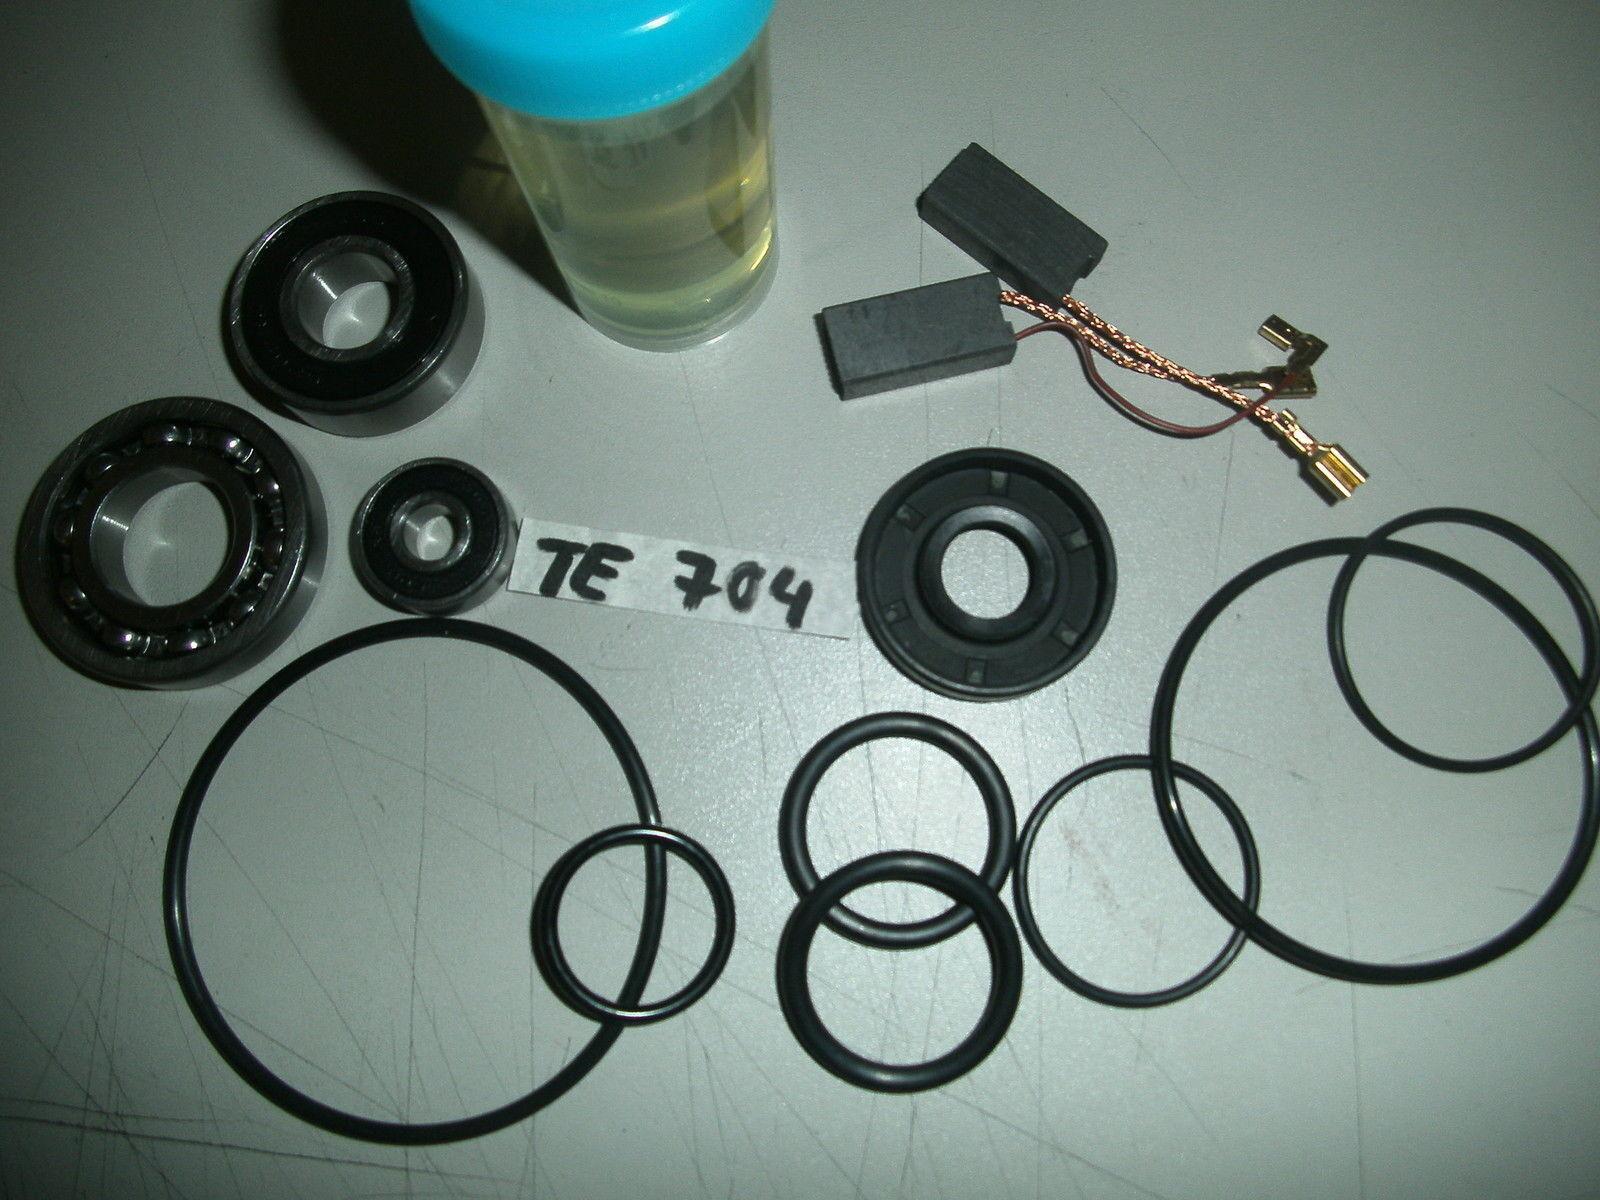 Hilti TE 704, Reparatursatz, Verschleissteilesatz, Wartungset